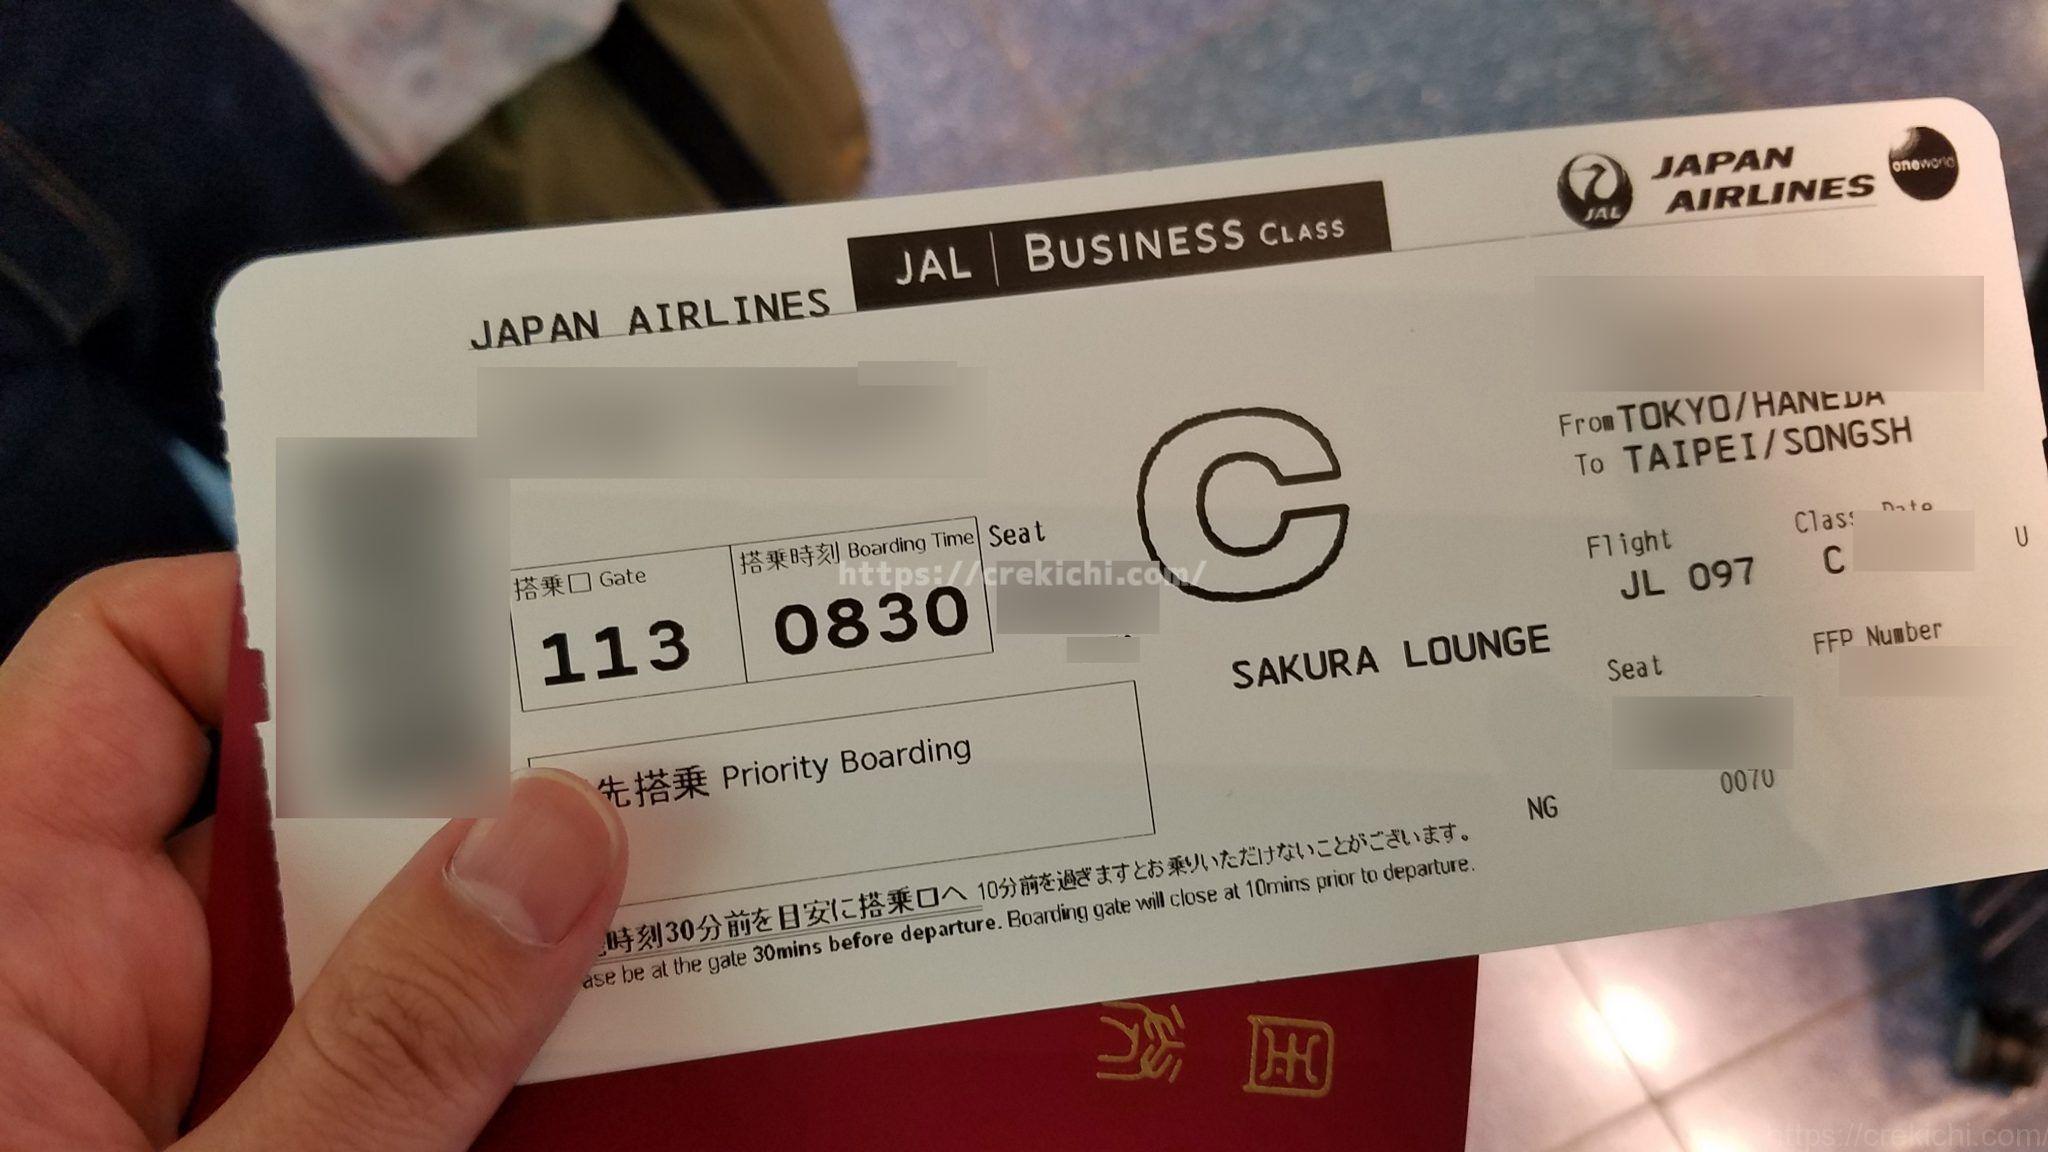 ビジネスクラス搭乗券でサクララウンジ利用